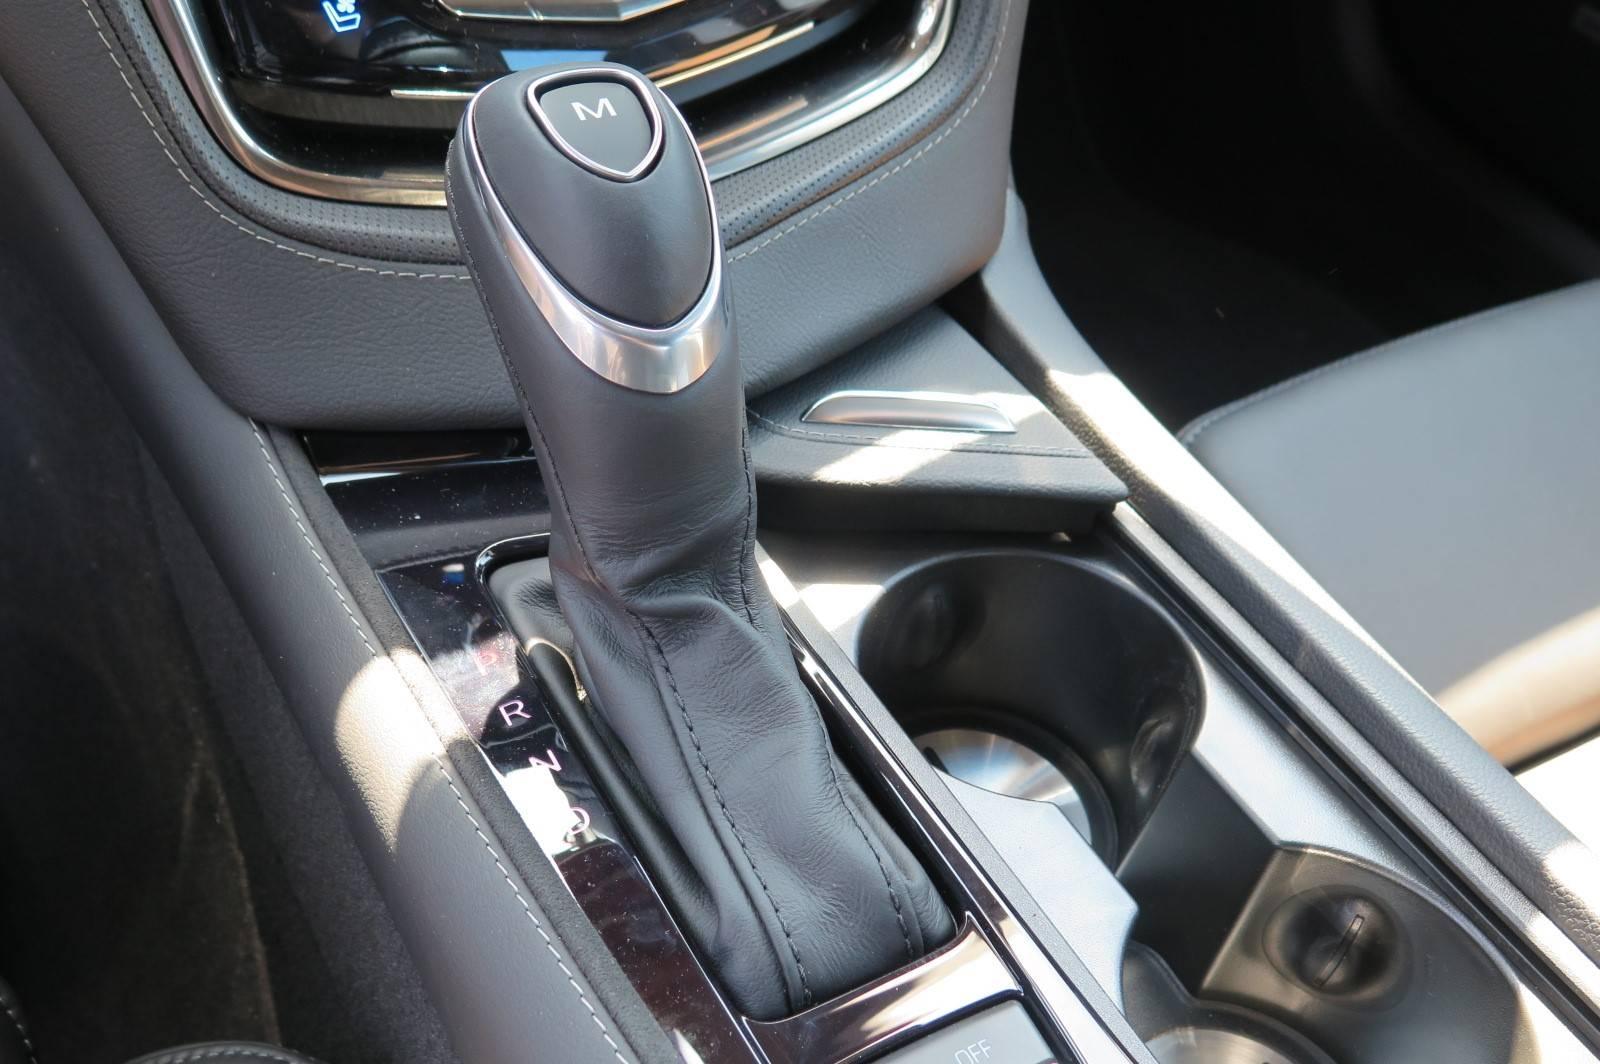 2019 Cadillac CTS-V